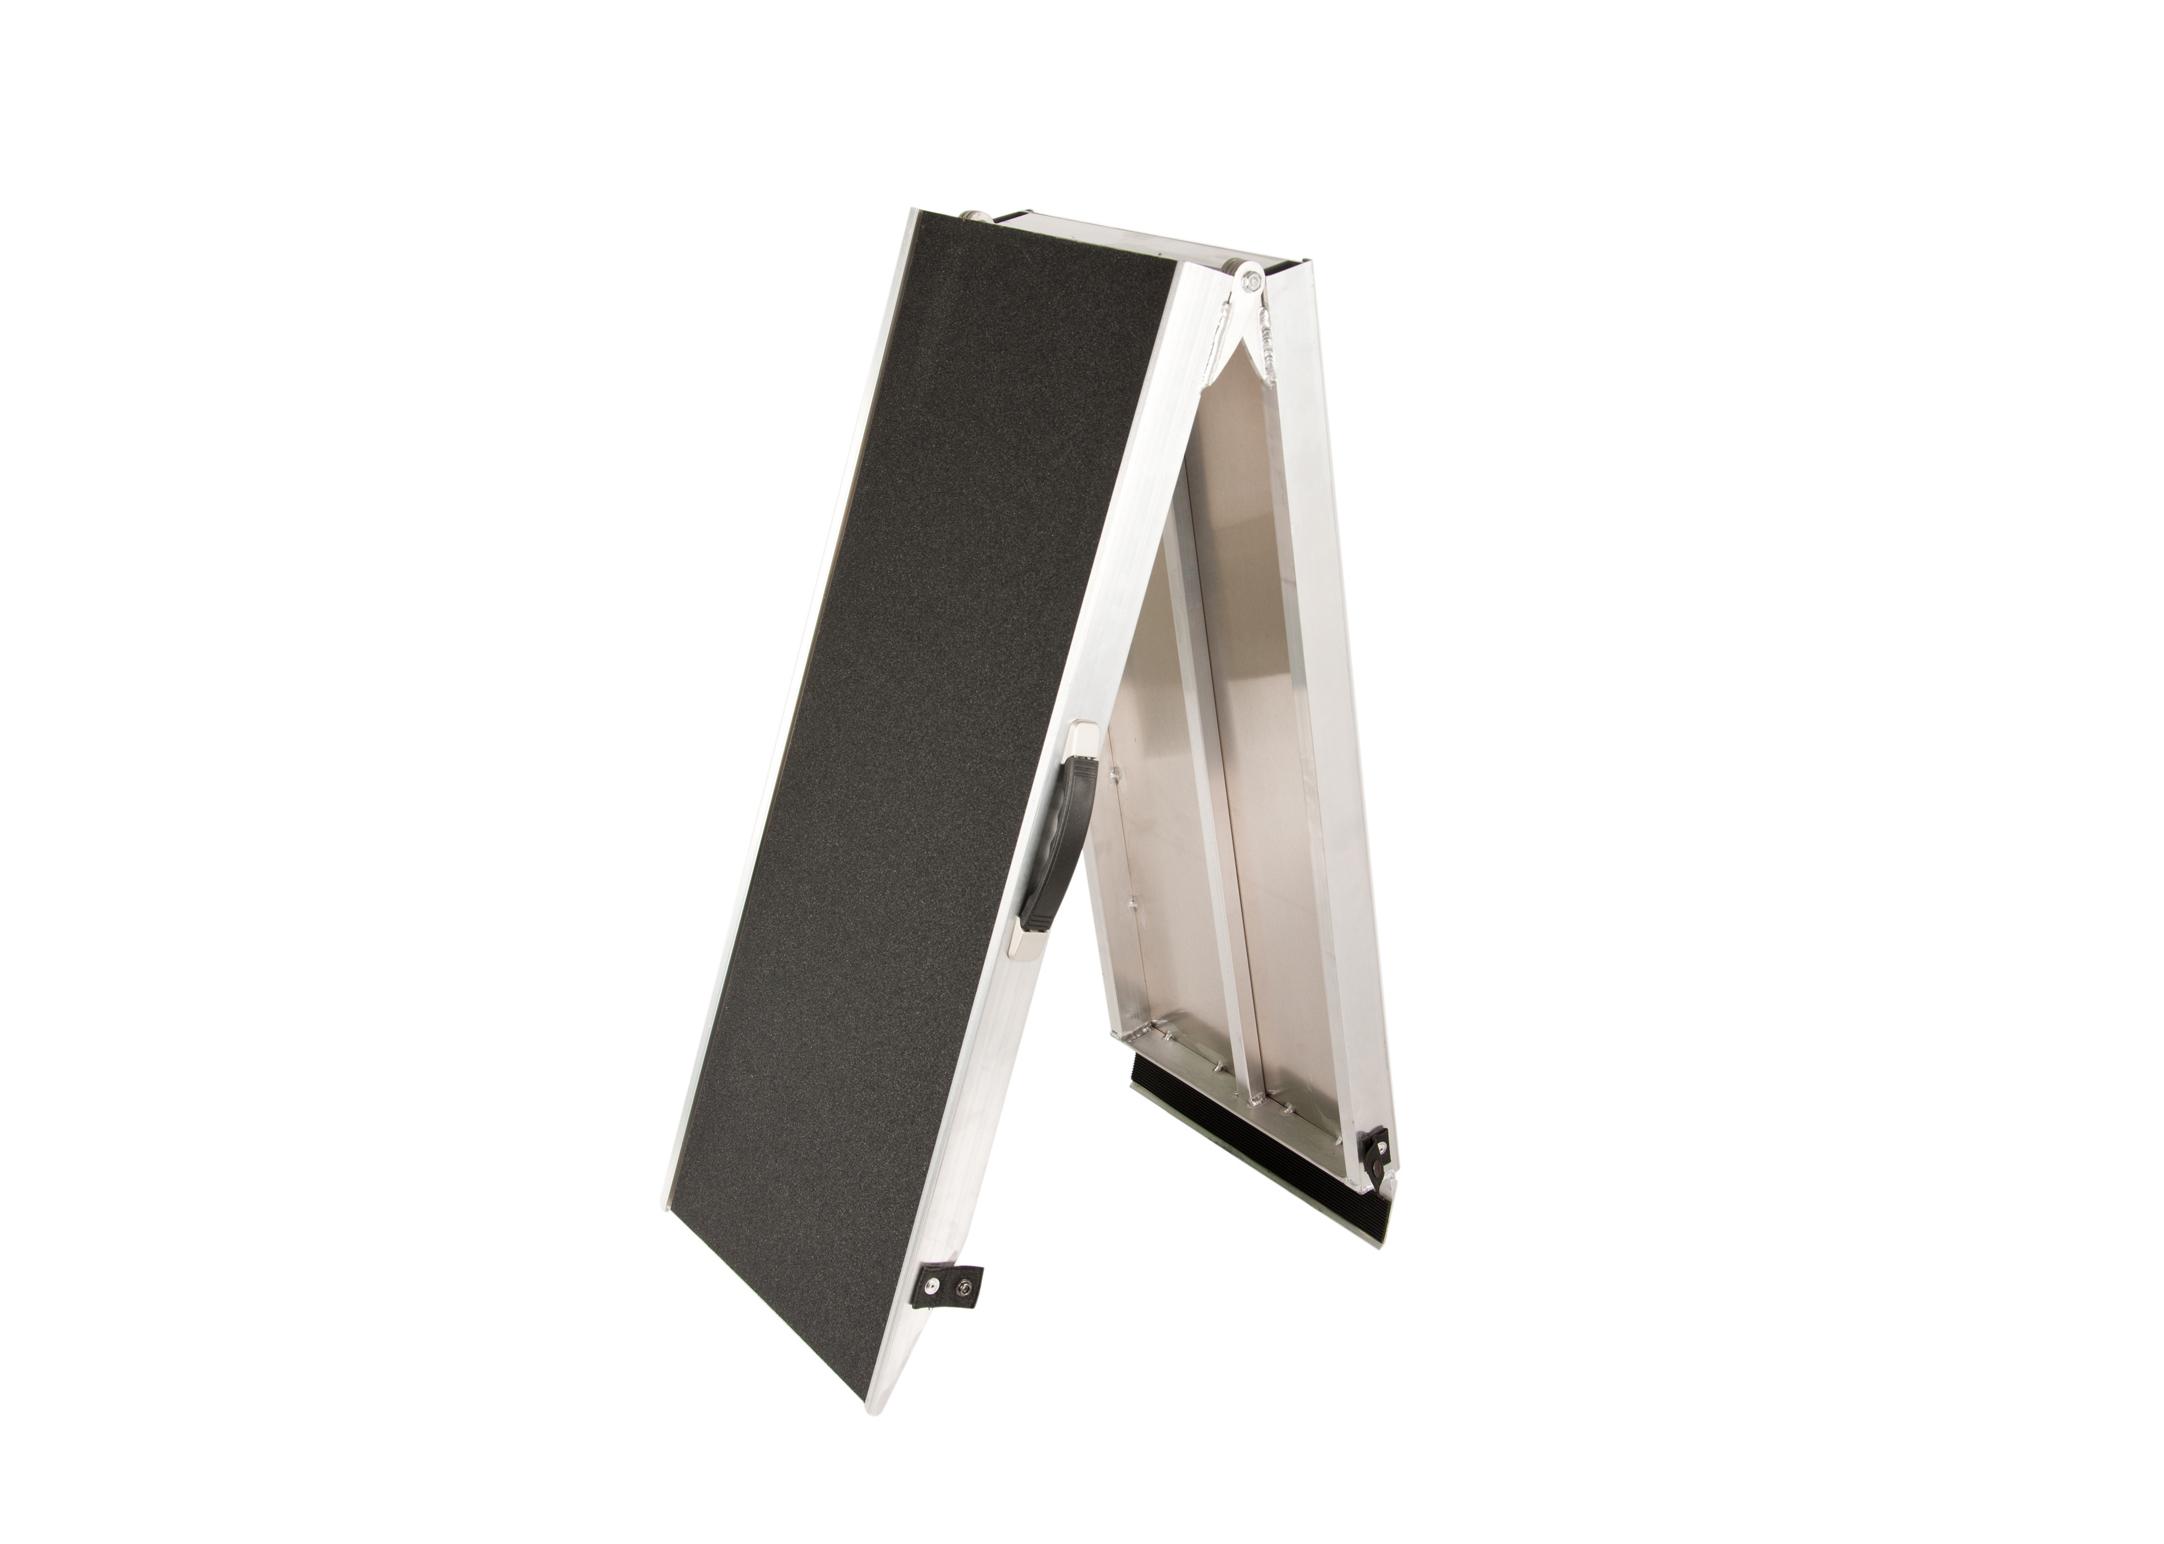 Travel Aluminium Pet Ramp 38cm wide - Extends 91,5-183cm